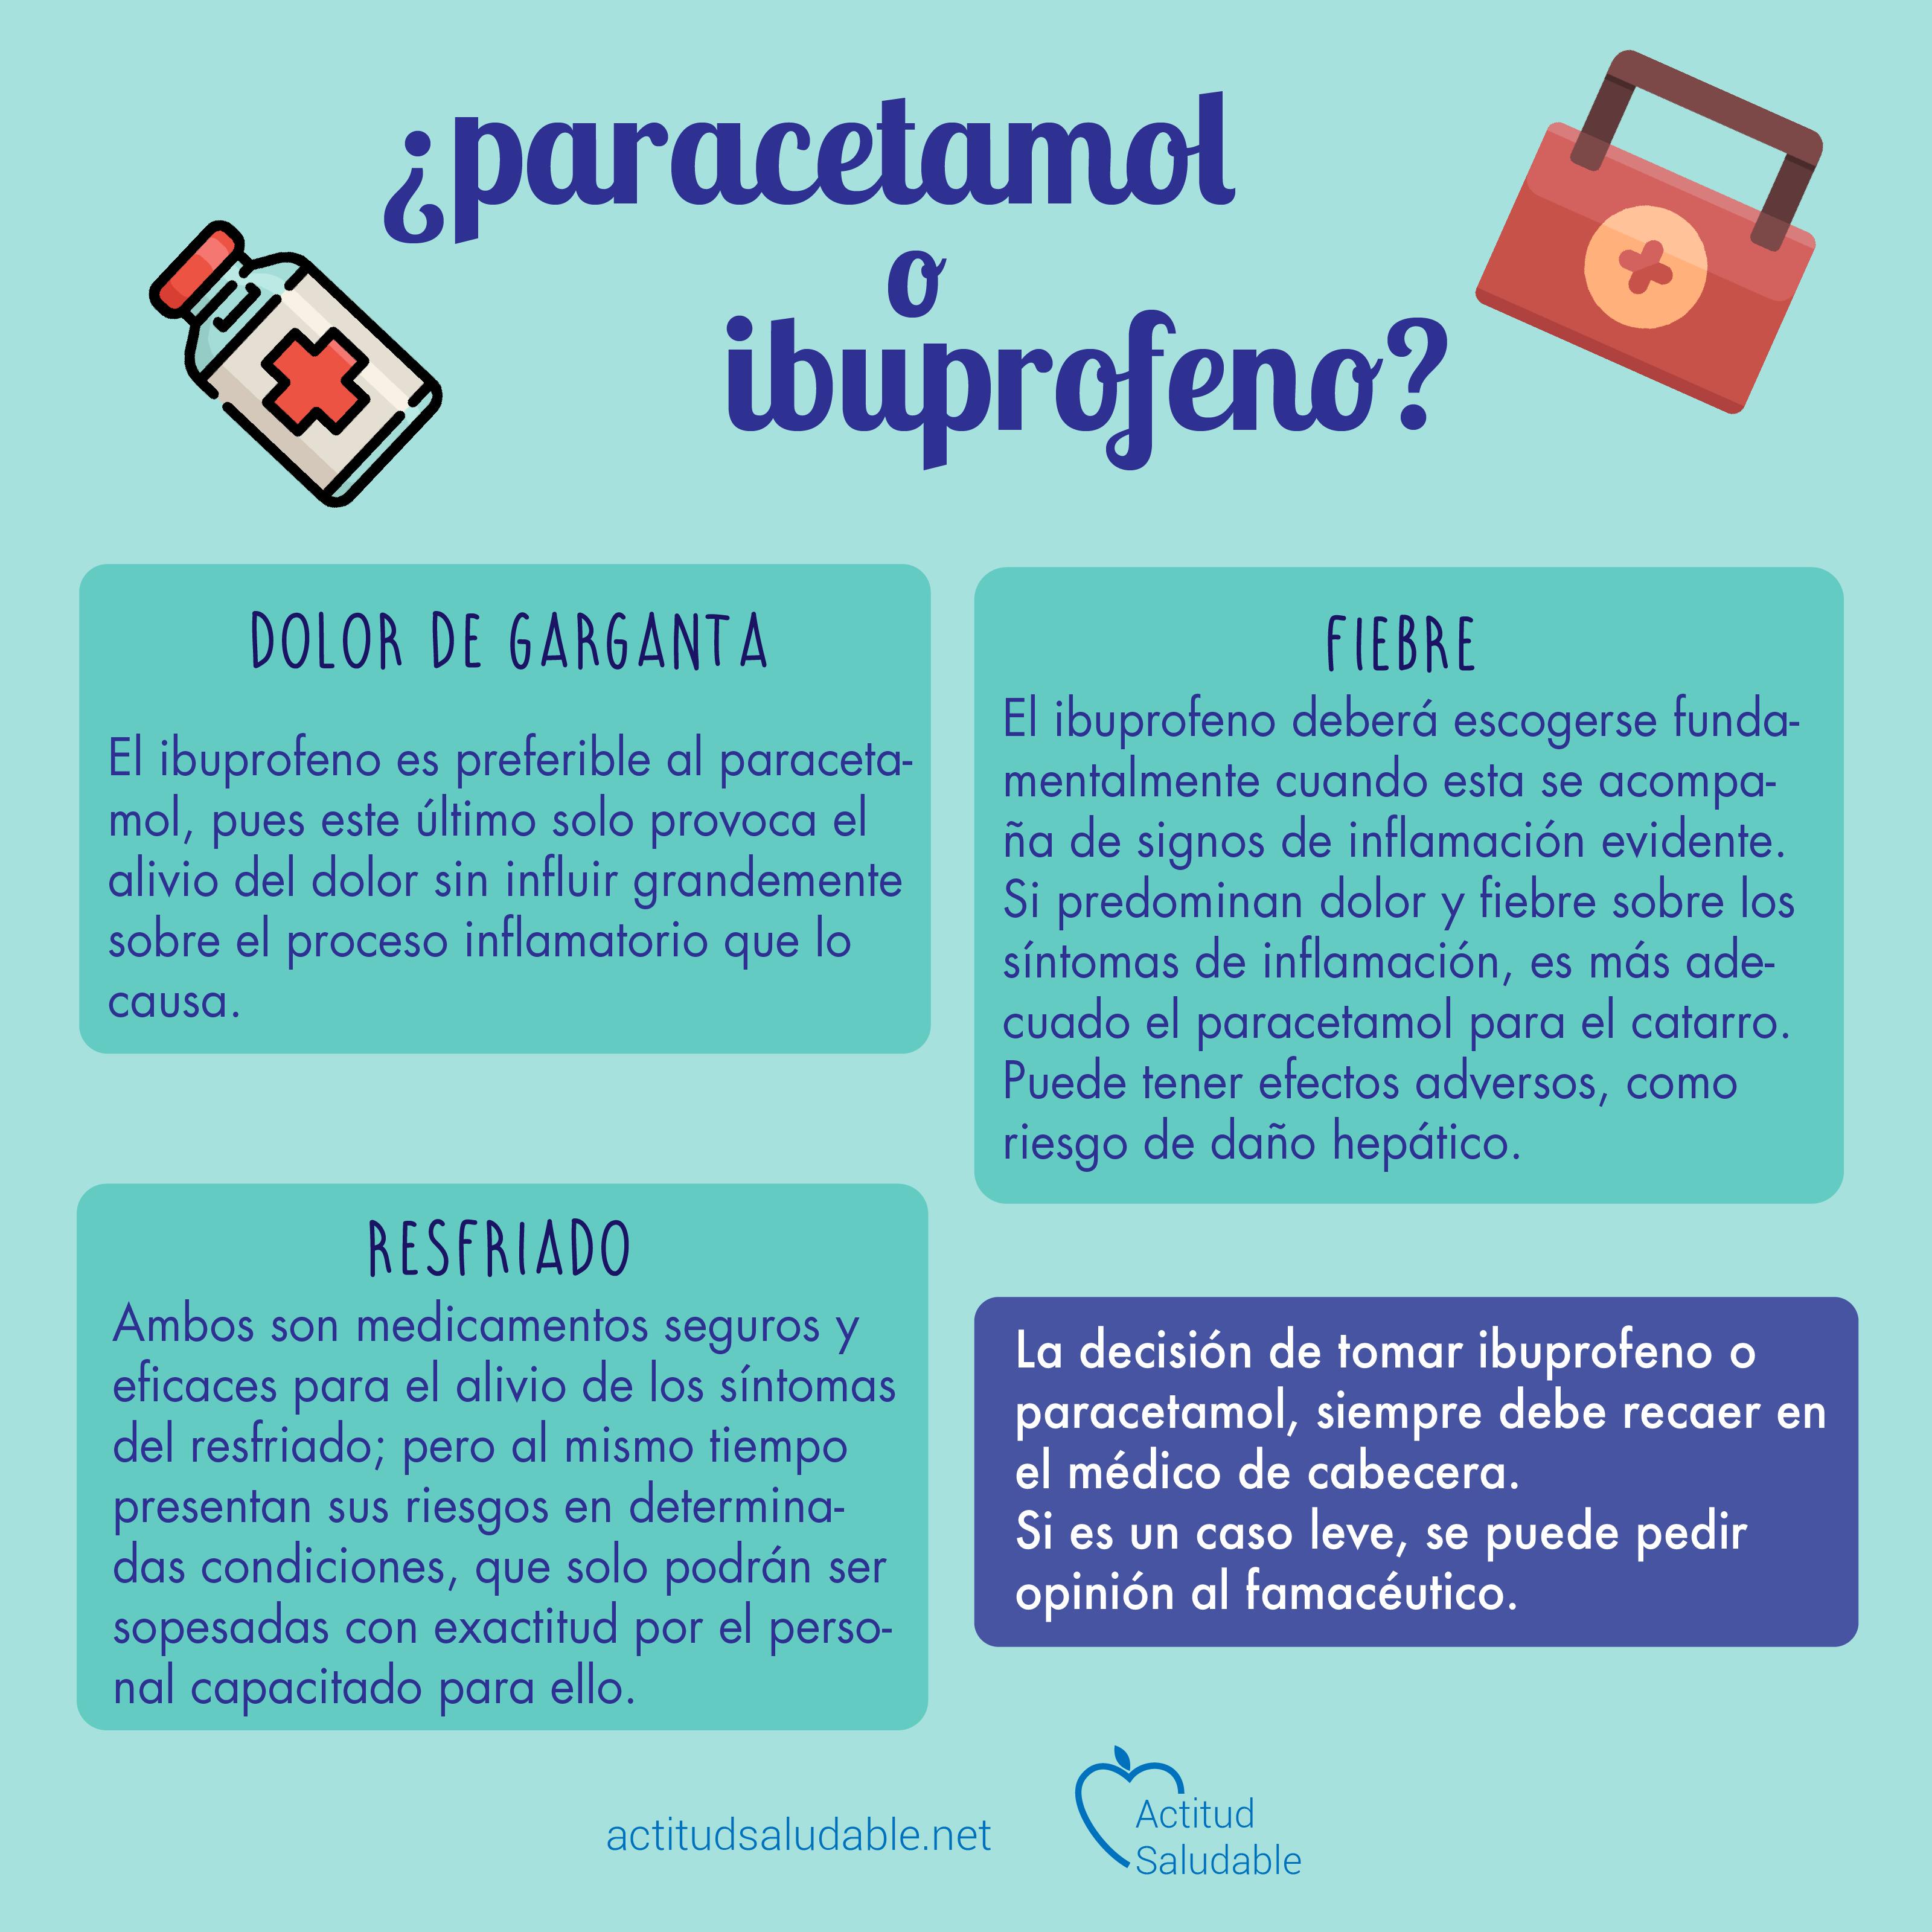 Paracetamol O Ibuprofeno Para El Resfriado Remedios Para La Salud Consejos Para La Salud Cuidado De La Salud